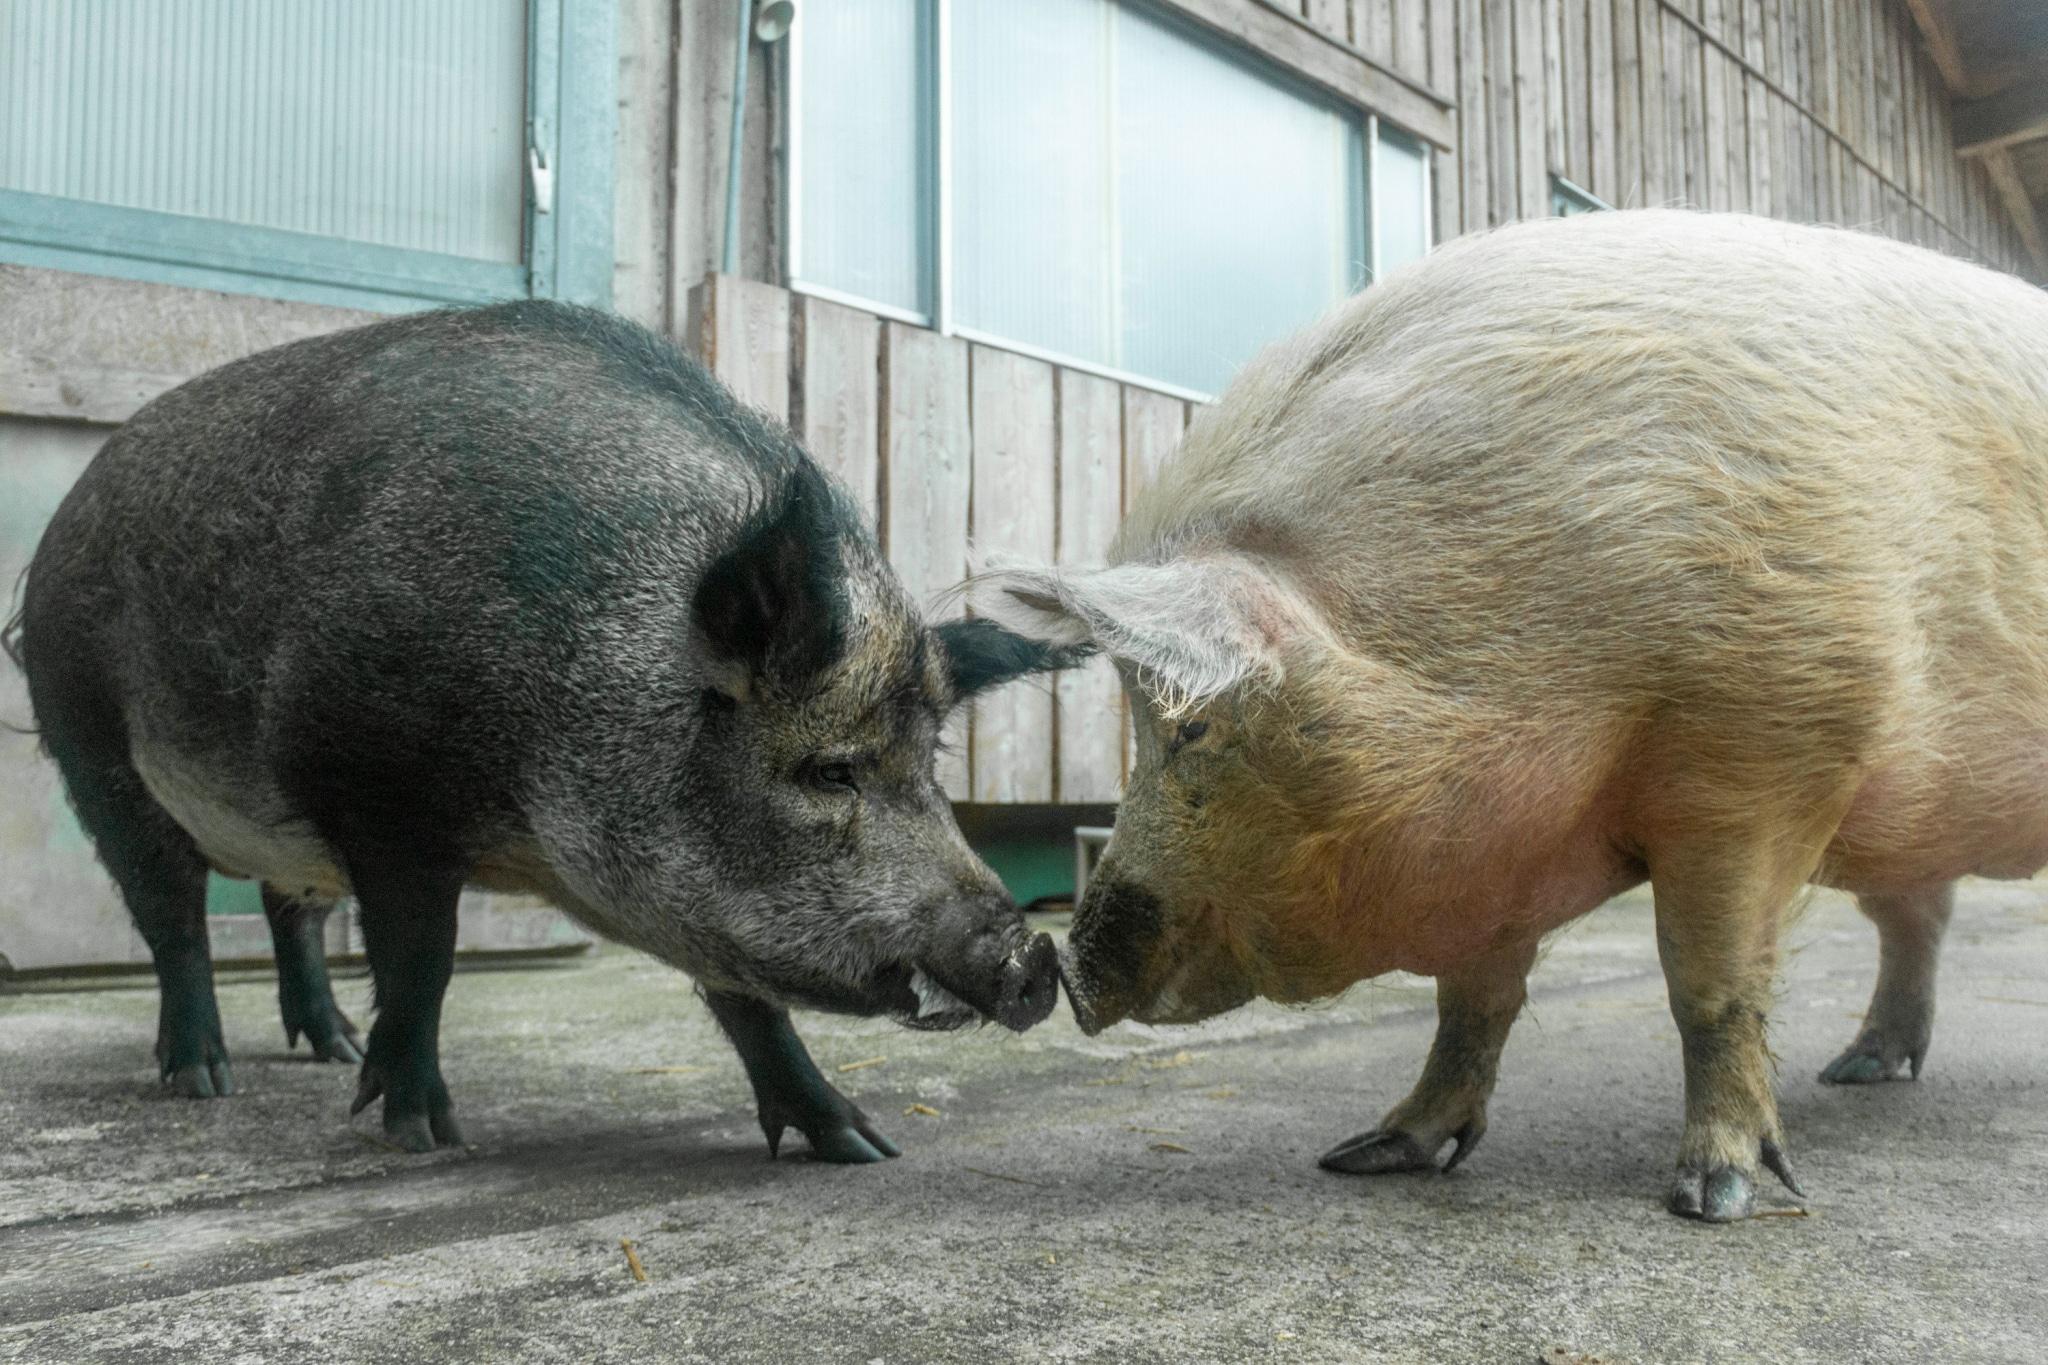 Emma und Berta sind glücklich auf Gut Aiderbichl zu sein